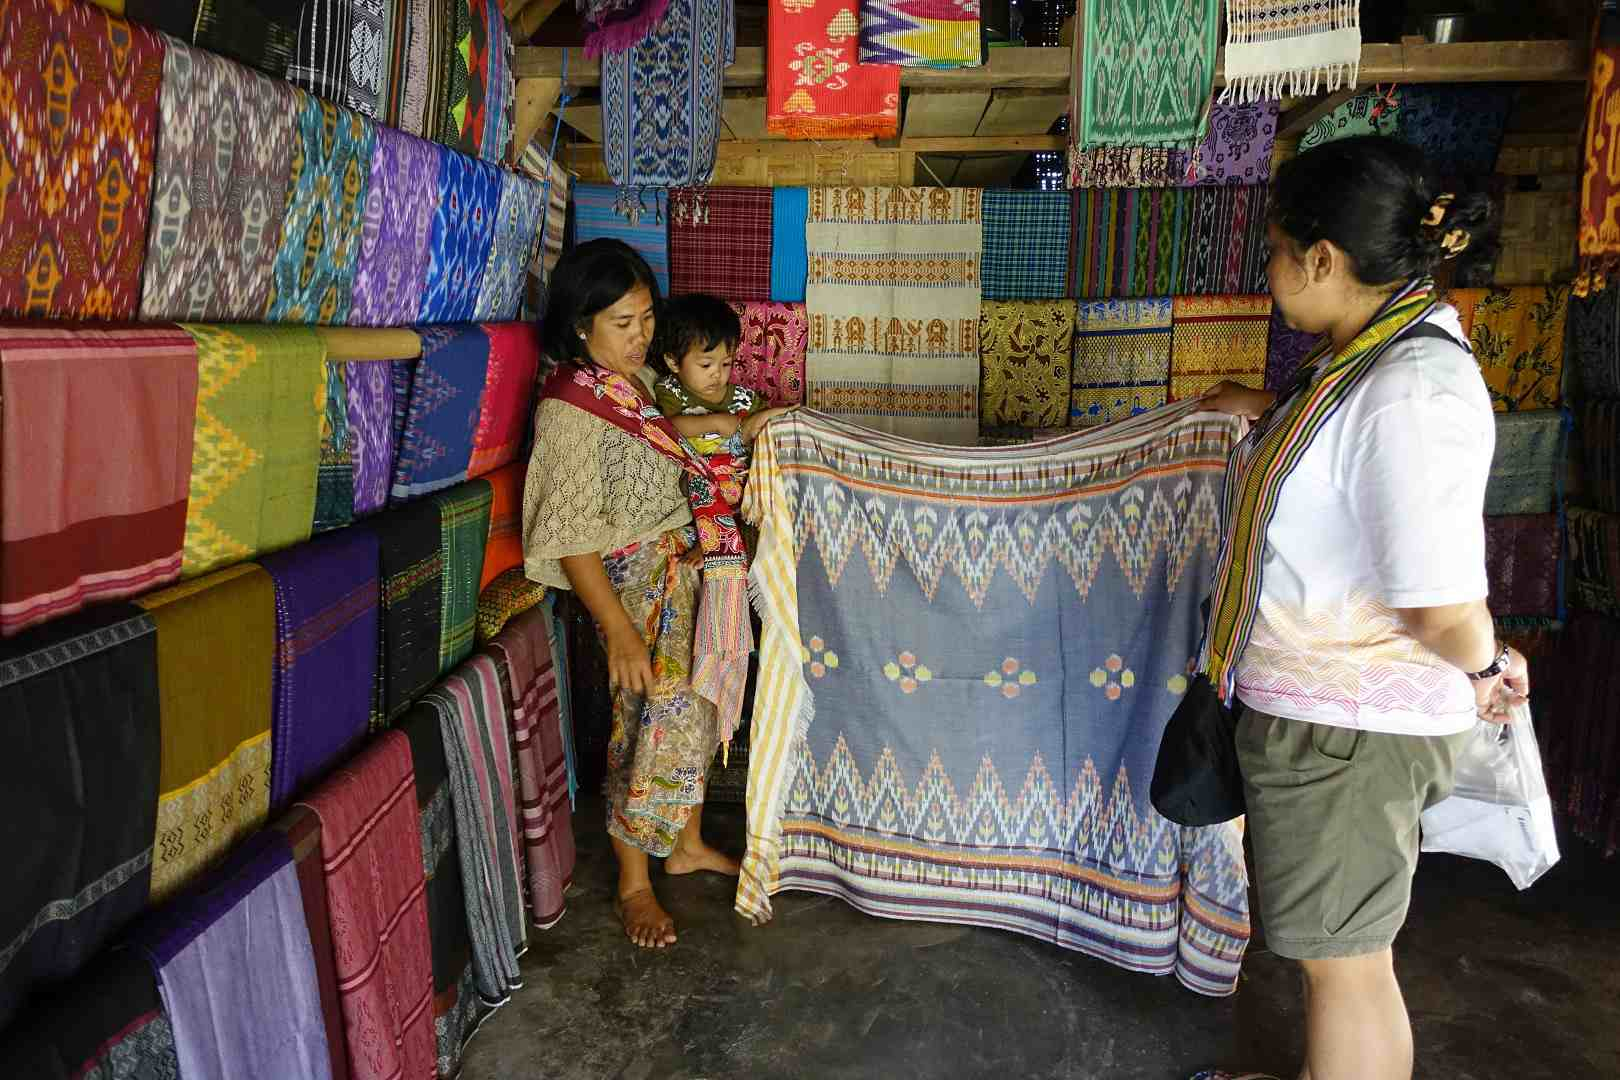 Haggling is encouraged when buying at Sasak Sade Village